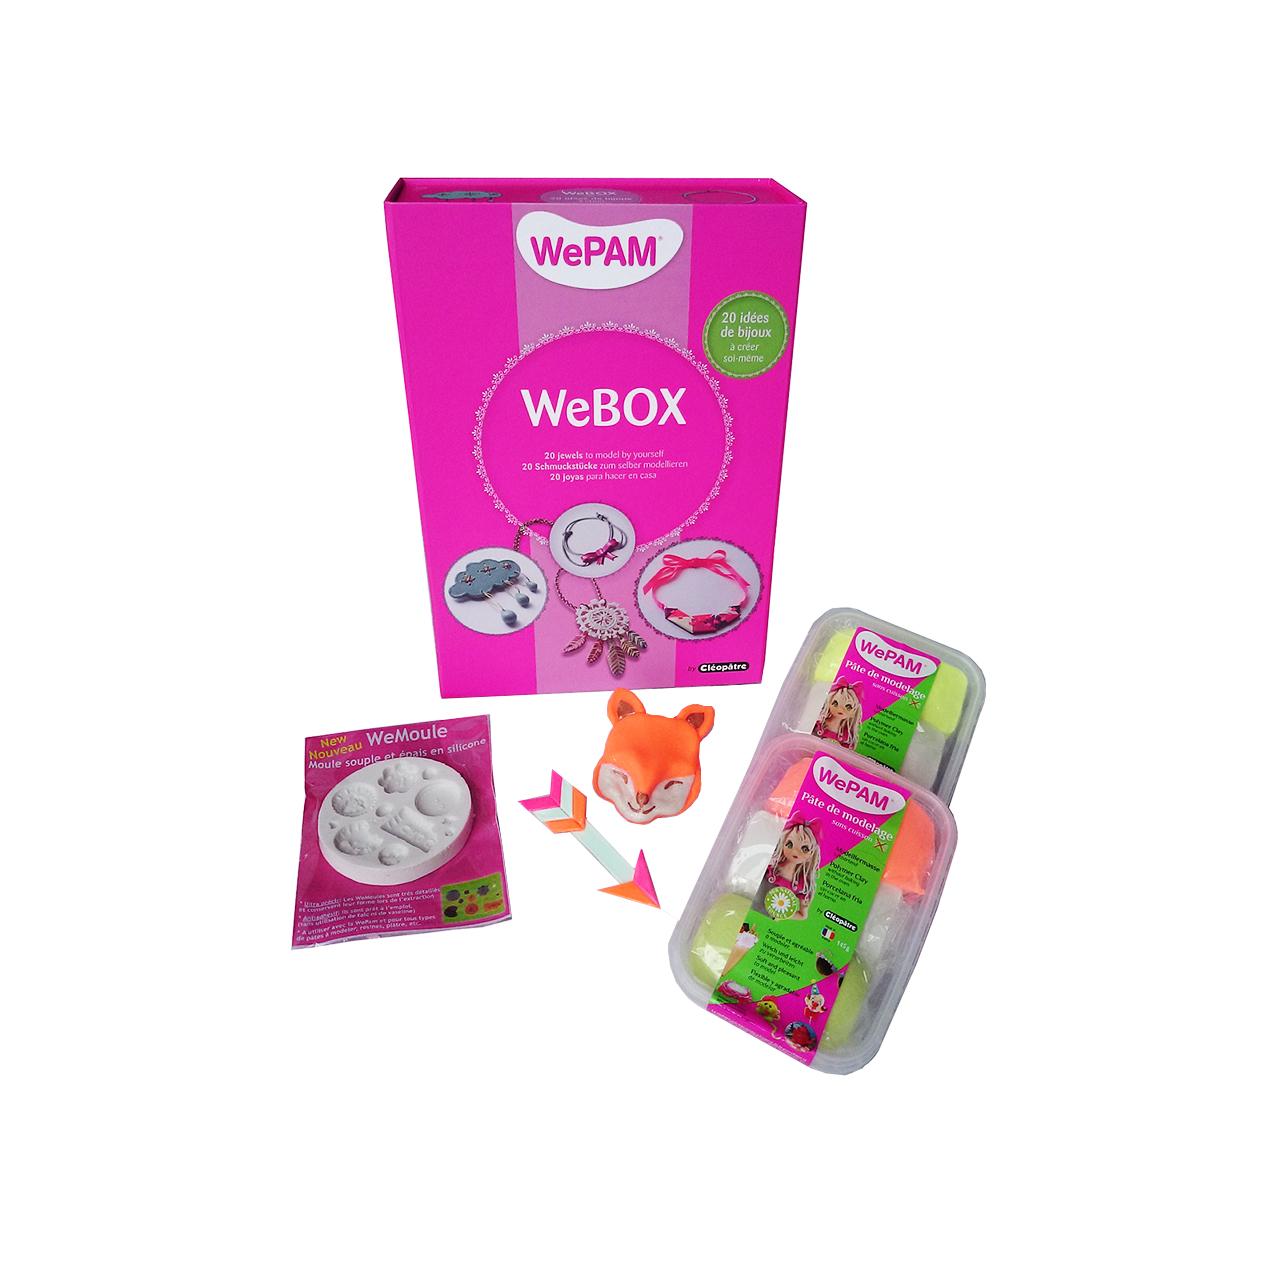 la WeBOX